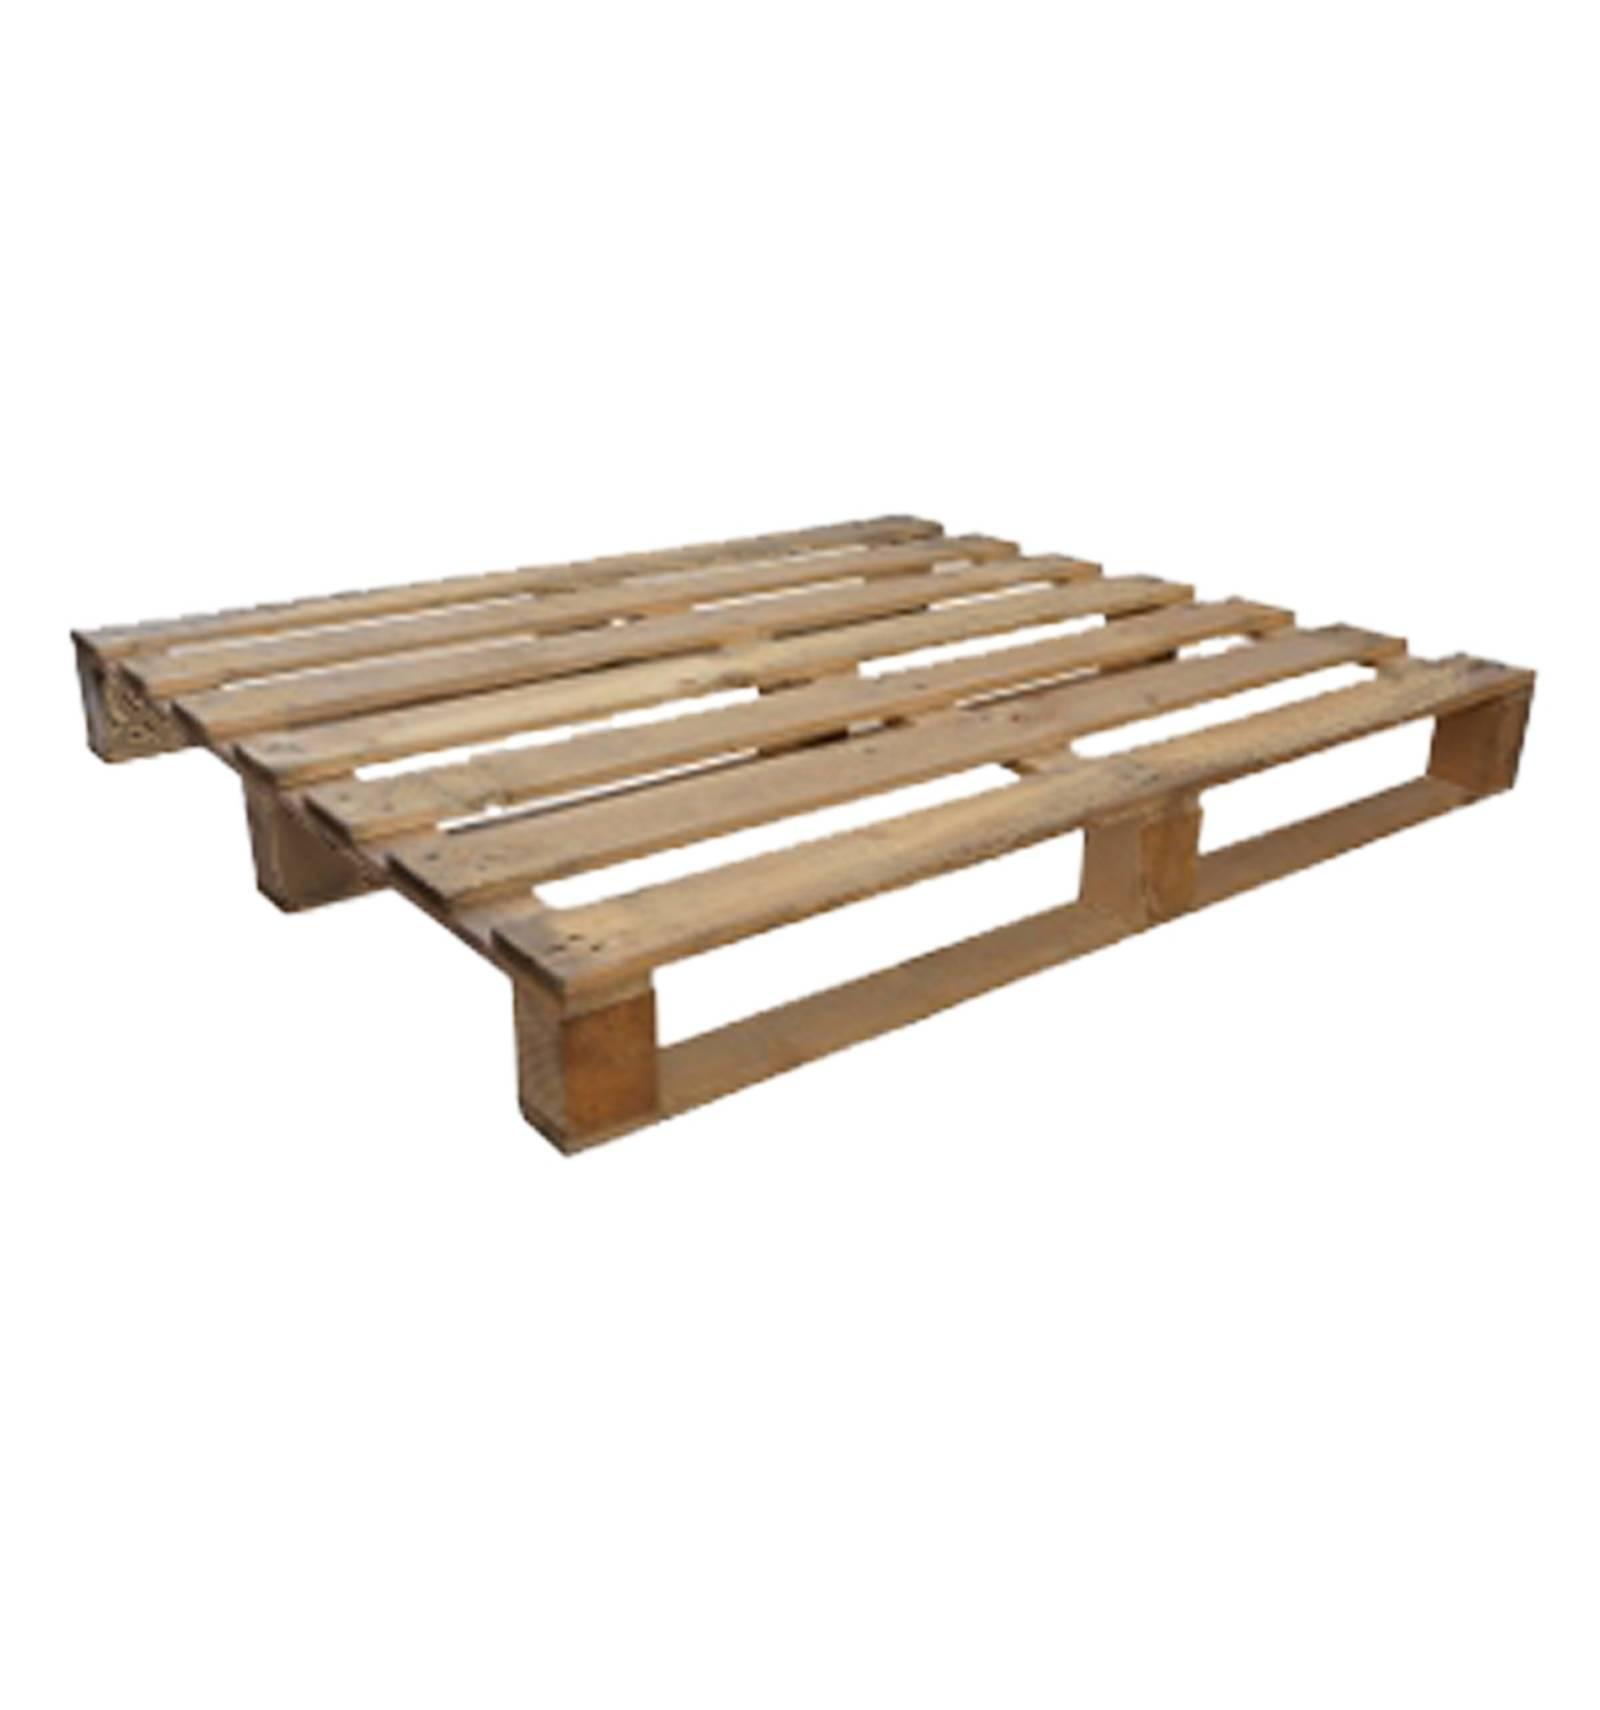 mypalletsonline palette bois occasion 100x120 1 2 lourde 3 semelles. Black Bedroom Furniture Sets. Home Design Ideas